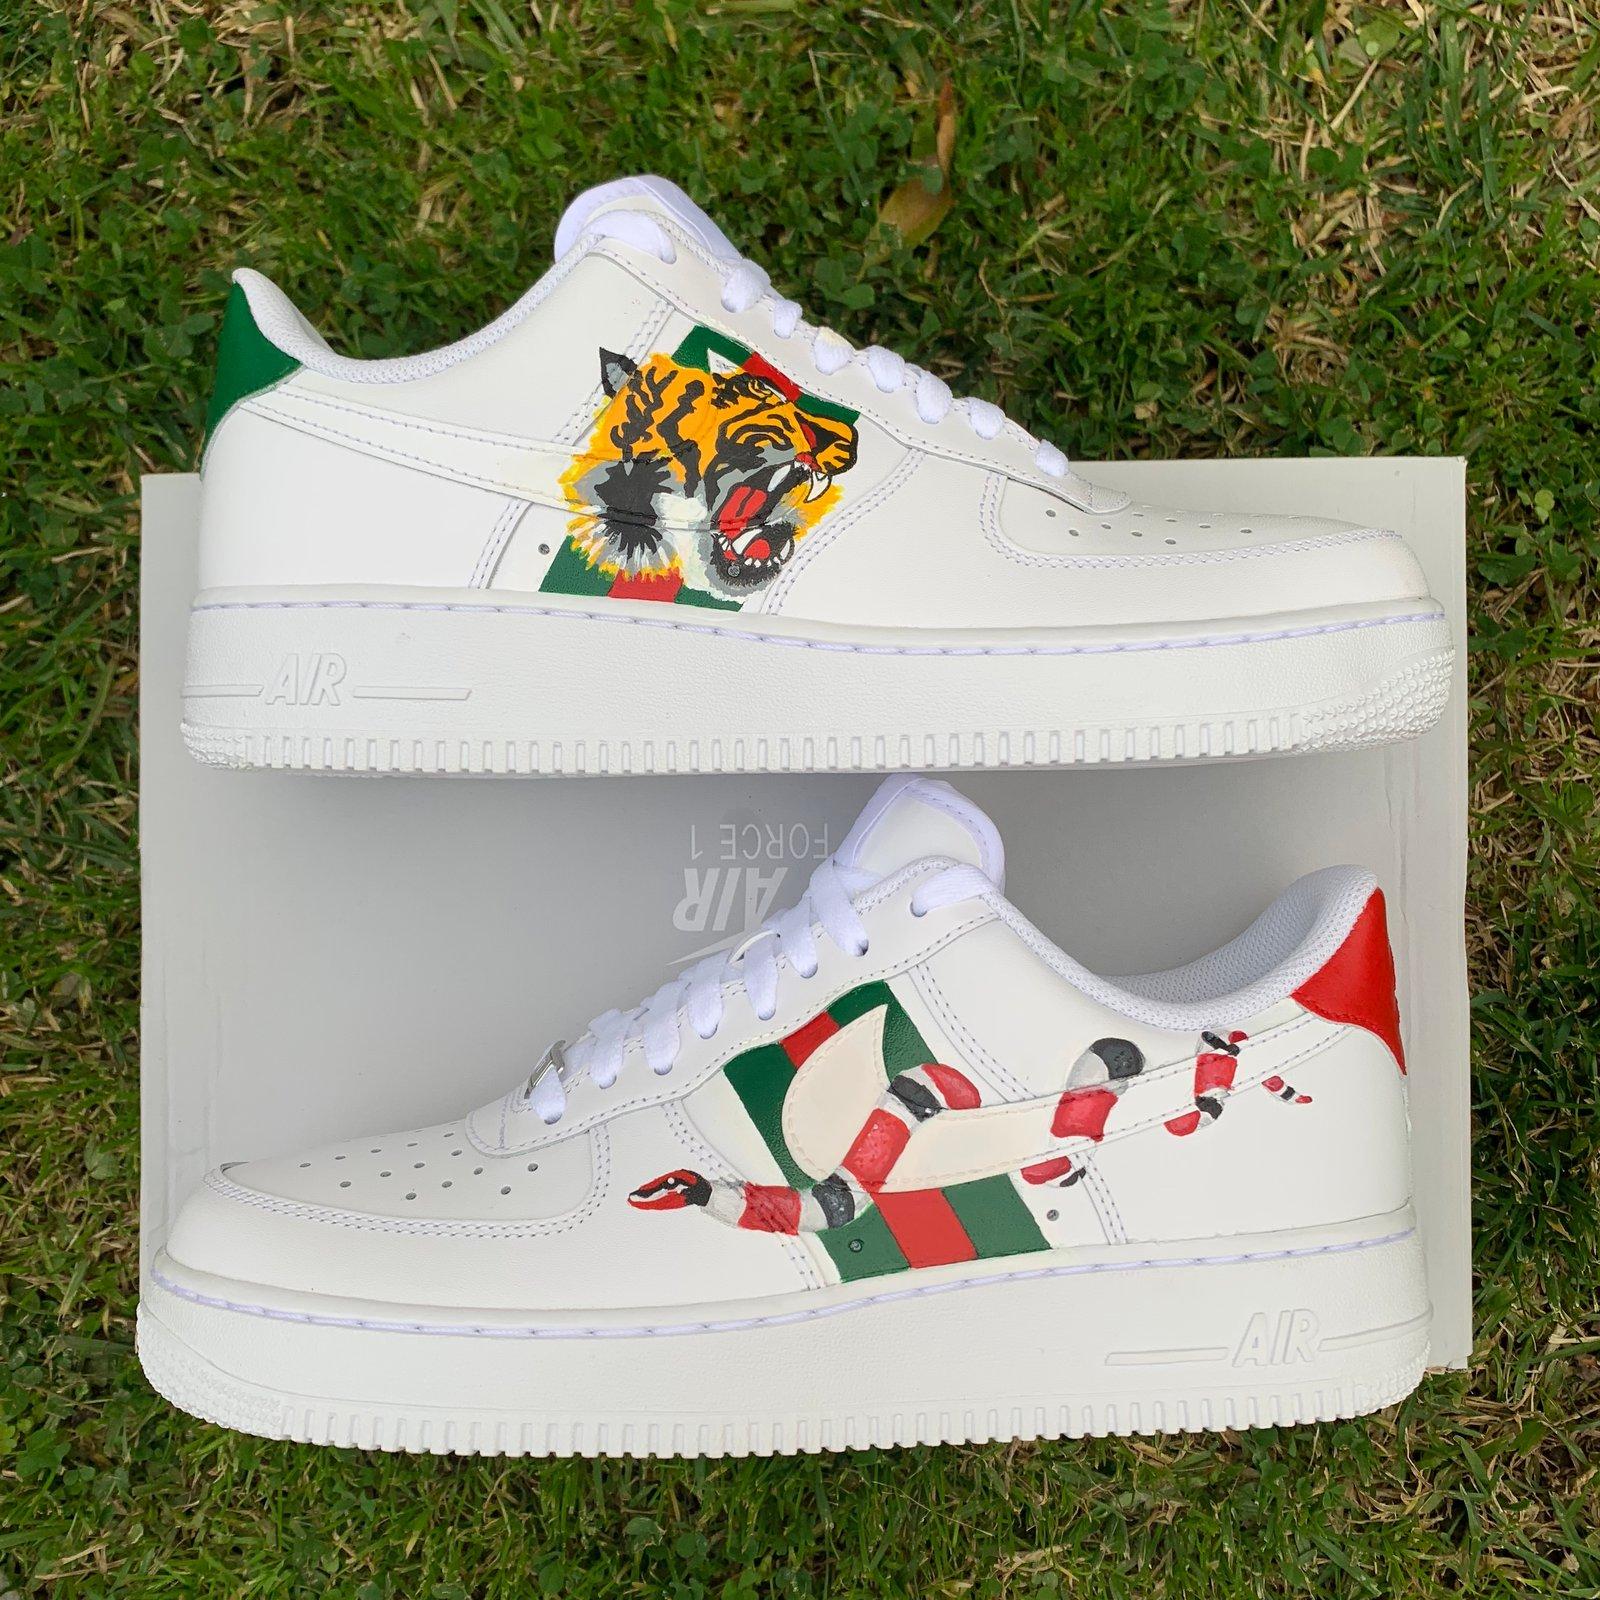 Gucci Nike Air Force 1 Custom